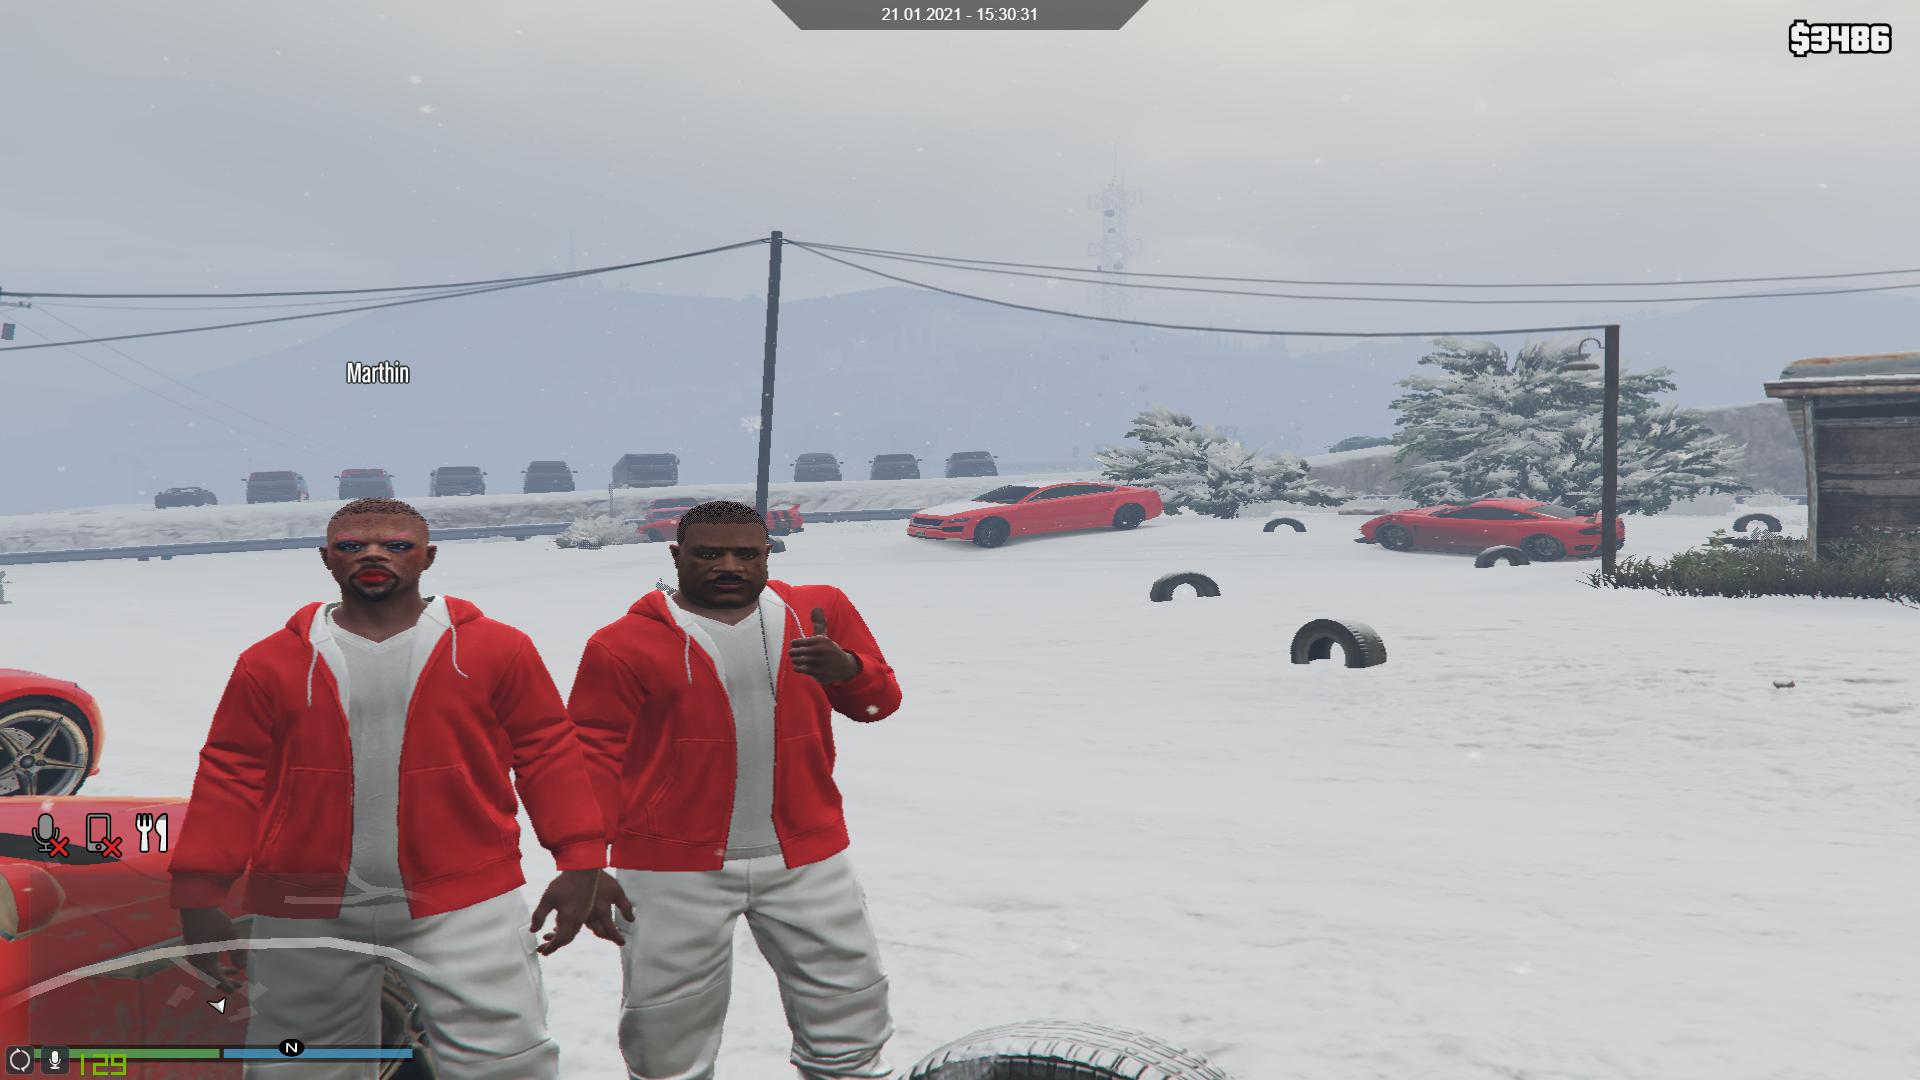 screenshot190lekhp.png